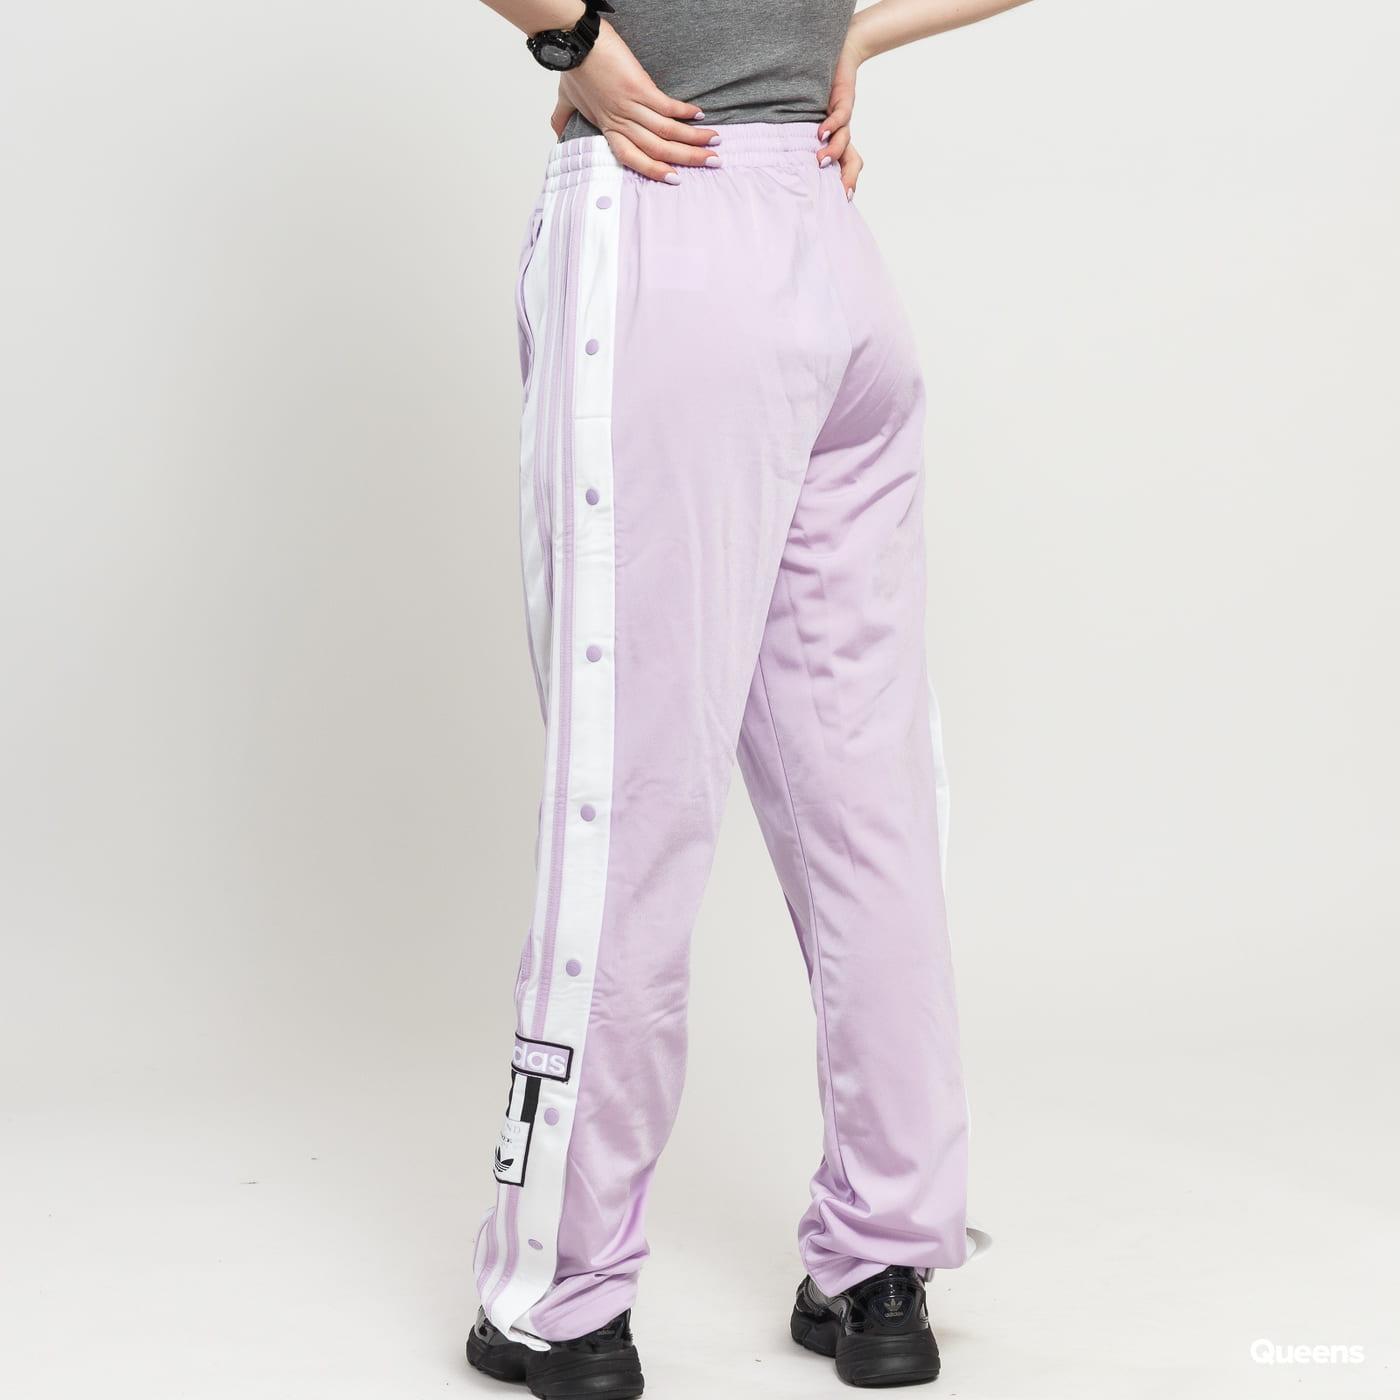 d60bfb1eb5 ZvětšitZvětšitZvětšitZvětšitZvětšitZvětšit. adidas Originals Adibreak Pant  ...